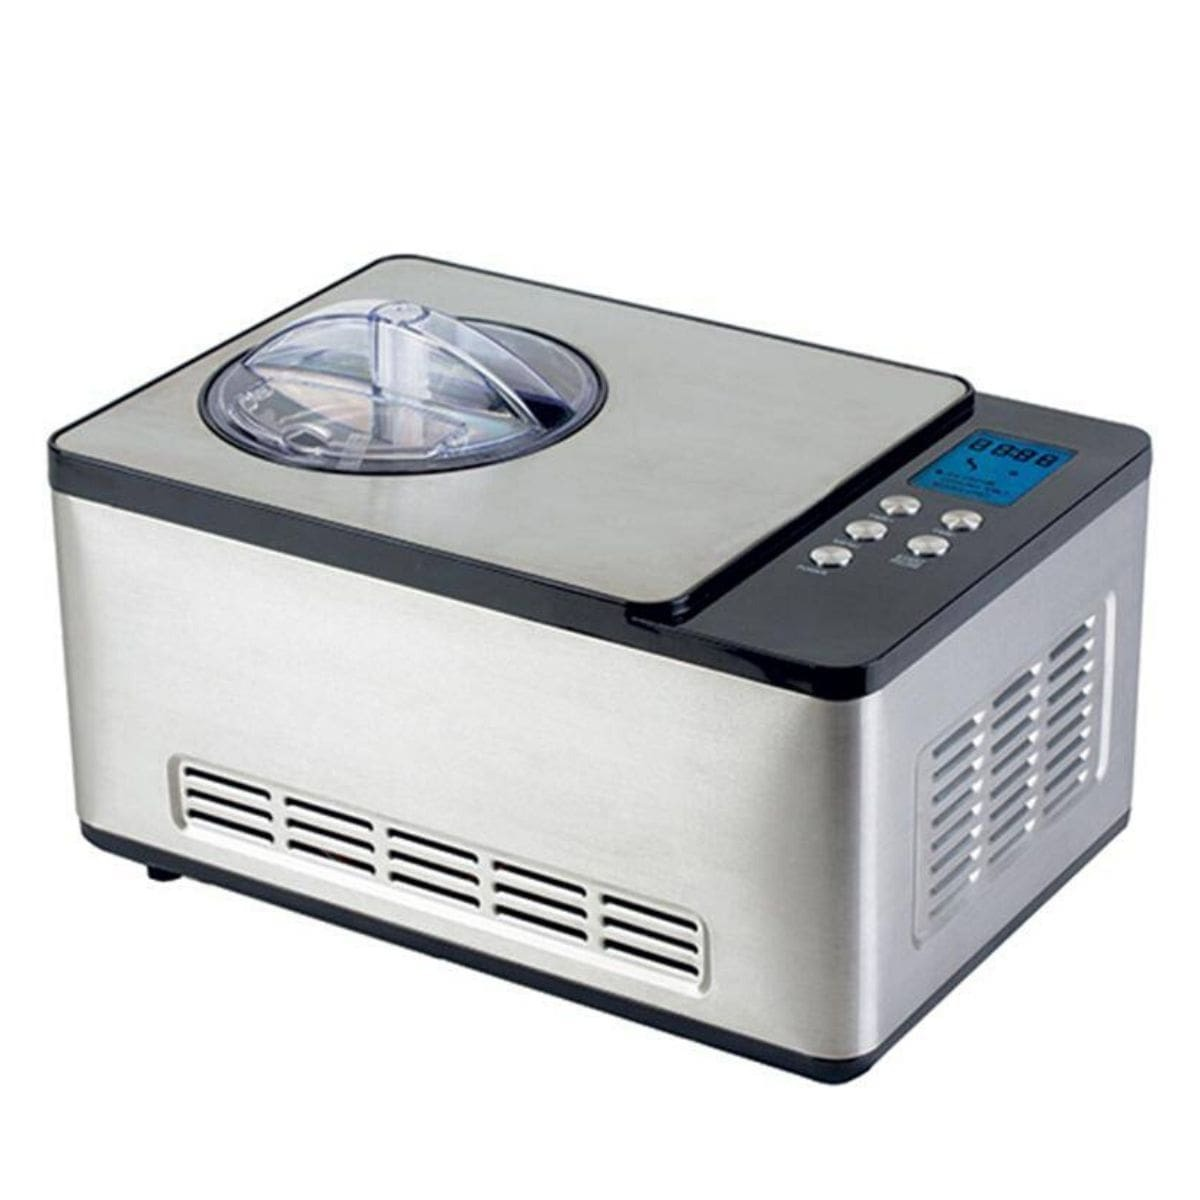 Мороженица Gemlux GL-ICM503 1,5 л (автоматическая)